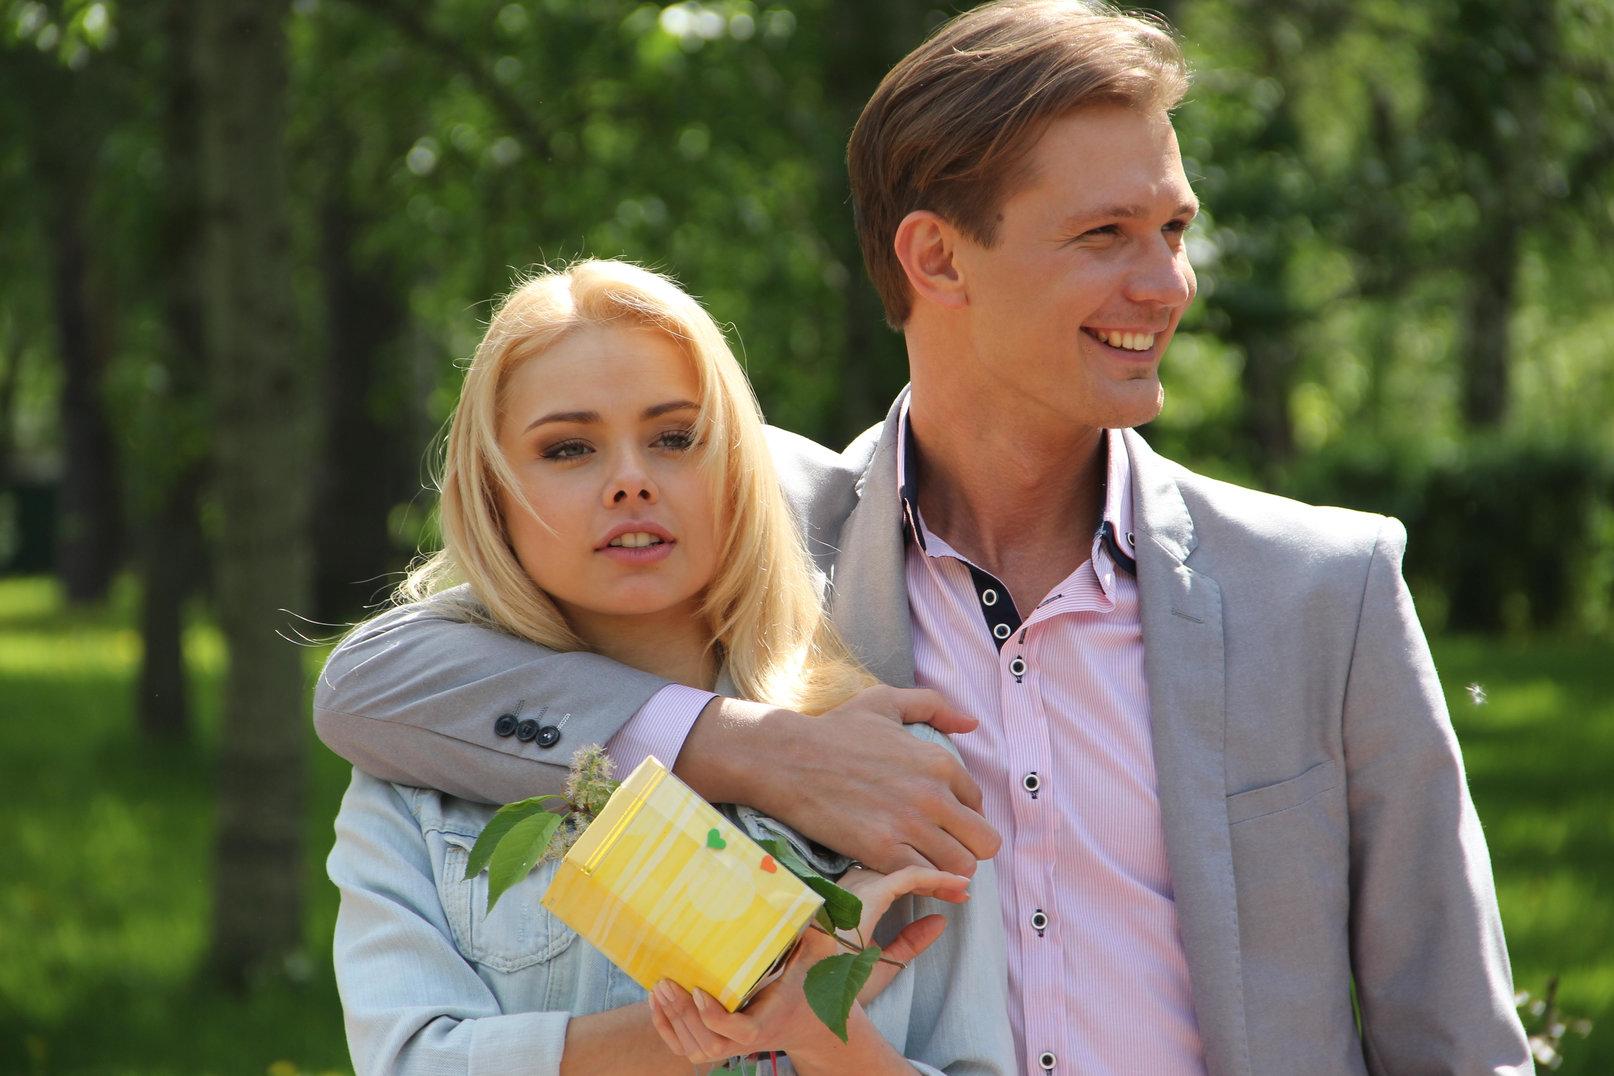 Василиса сериал  2016 смотреть фильм онлайн бесплатно в